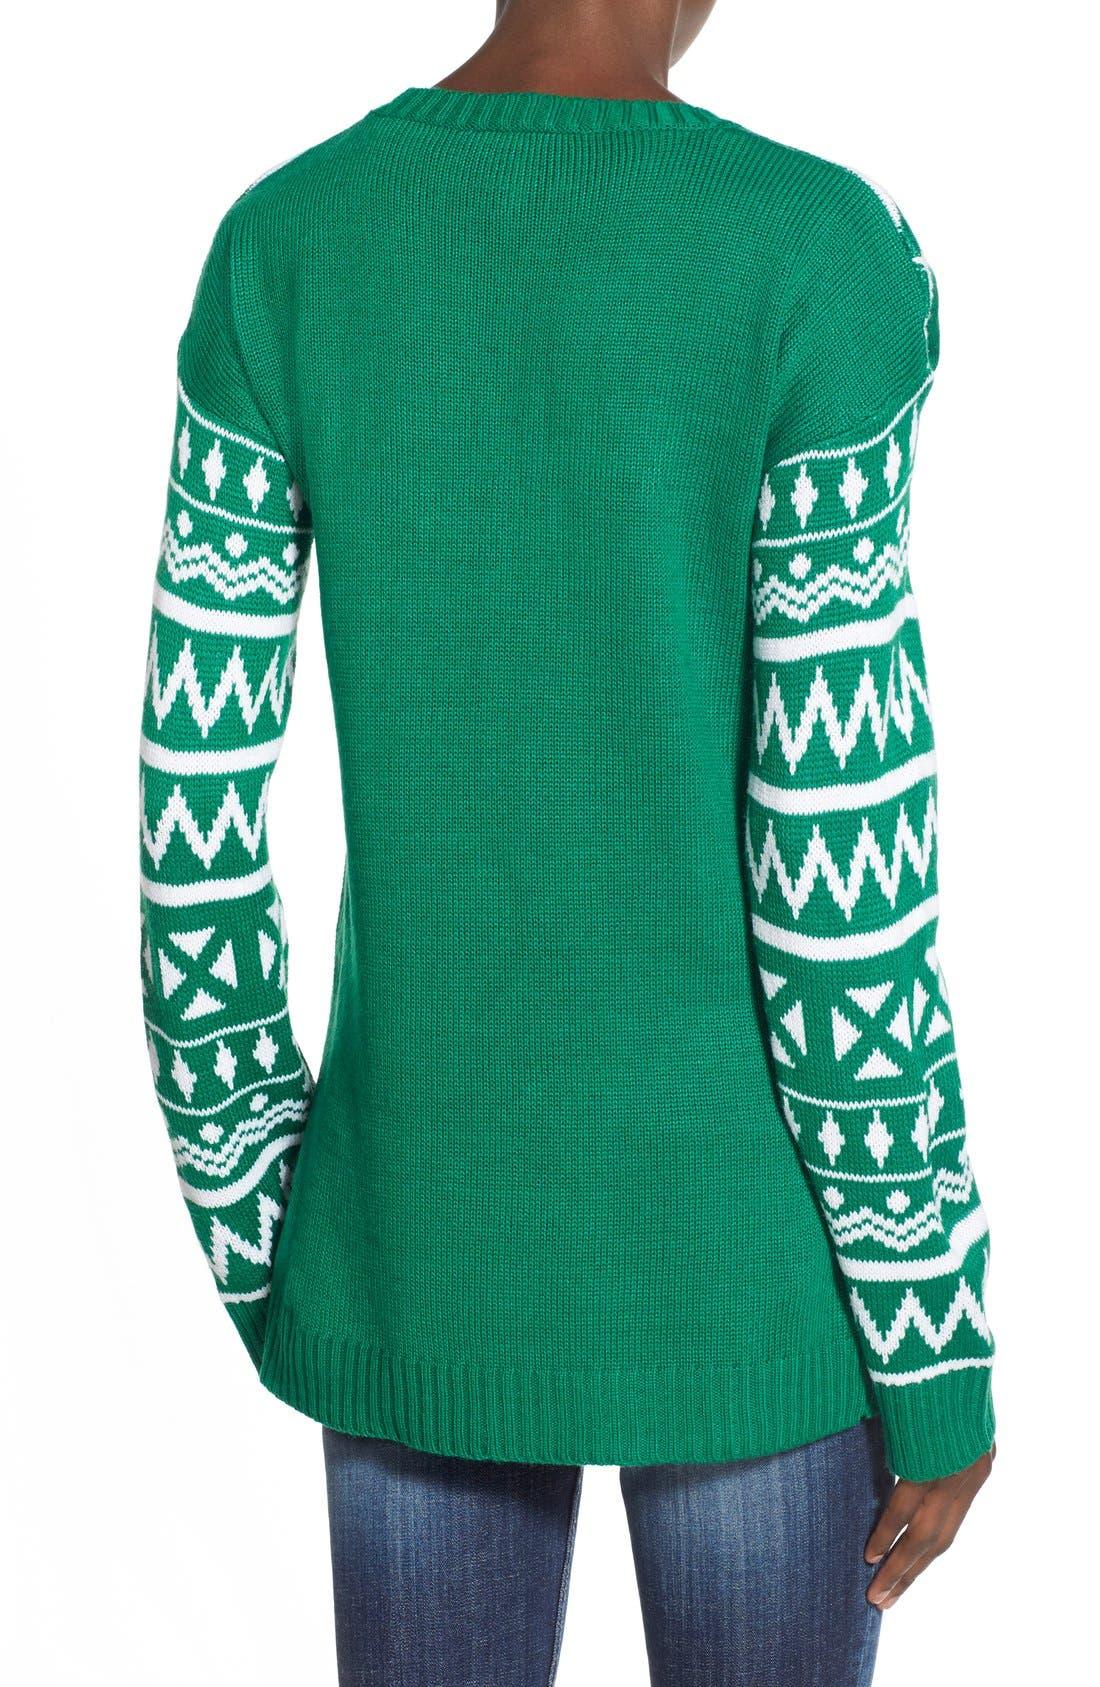 Alternate Image 2  - Derek Heart 'Snow Globe' Musical Christmas Sweater